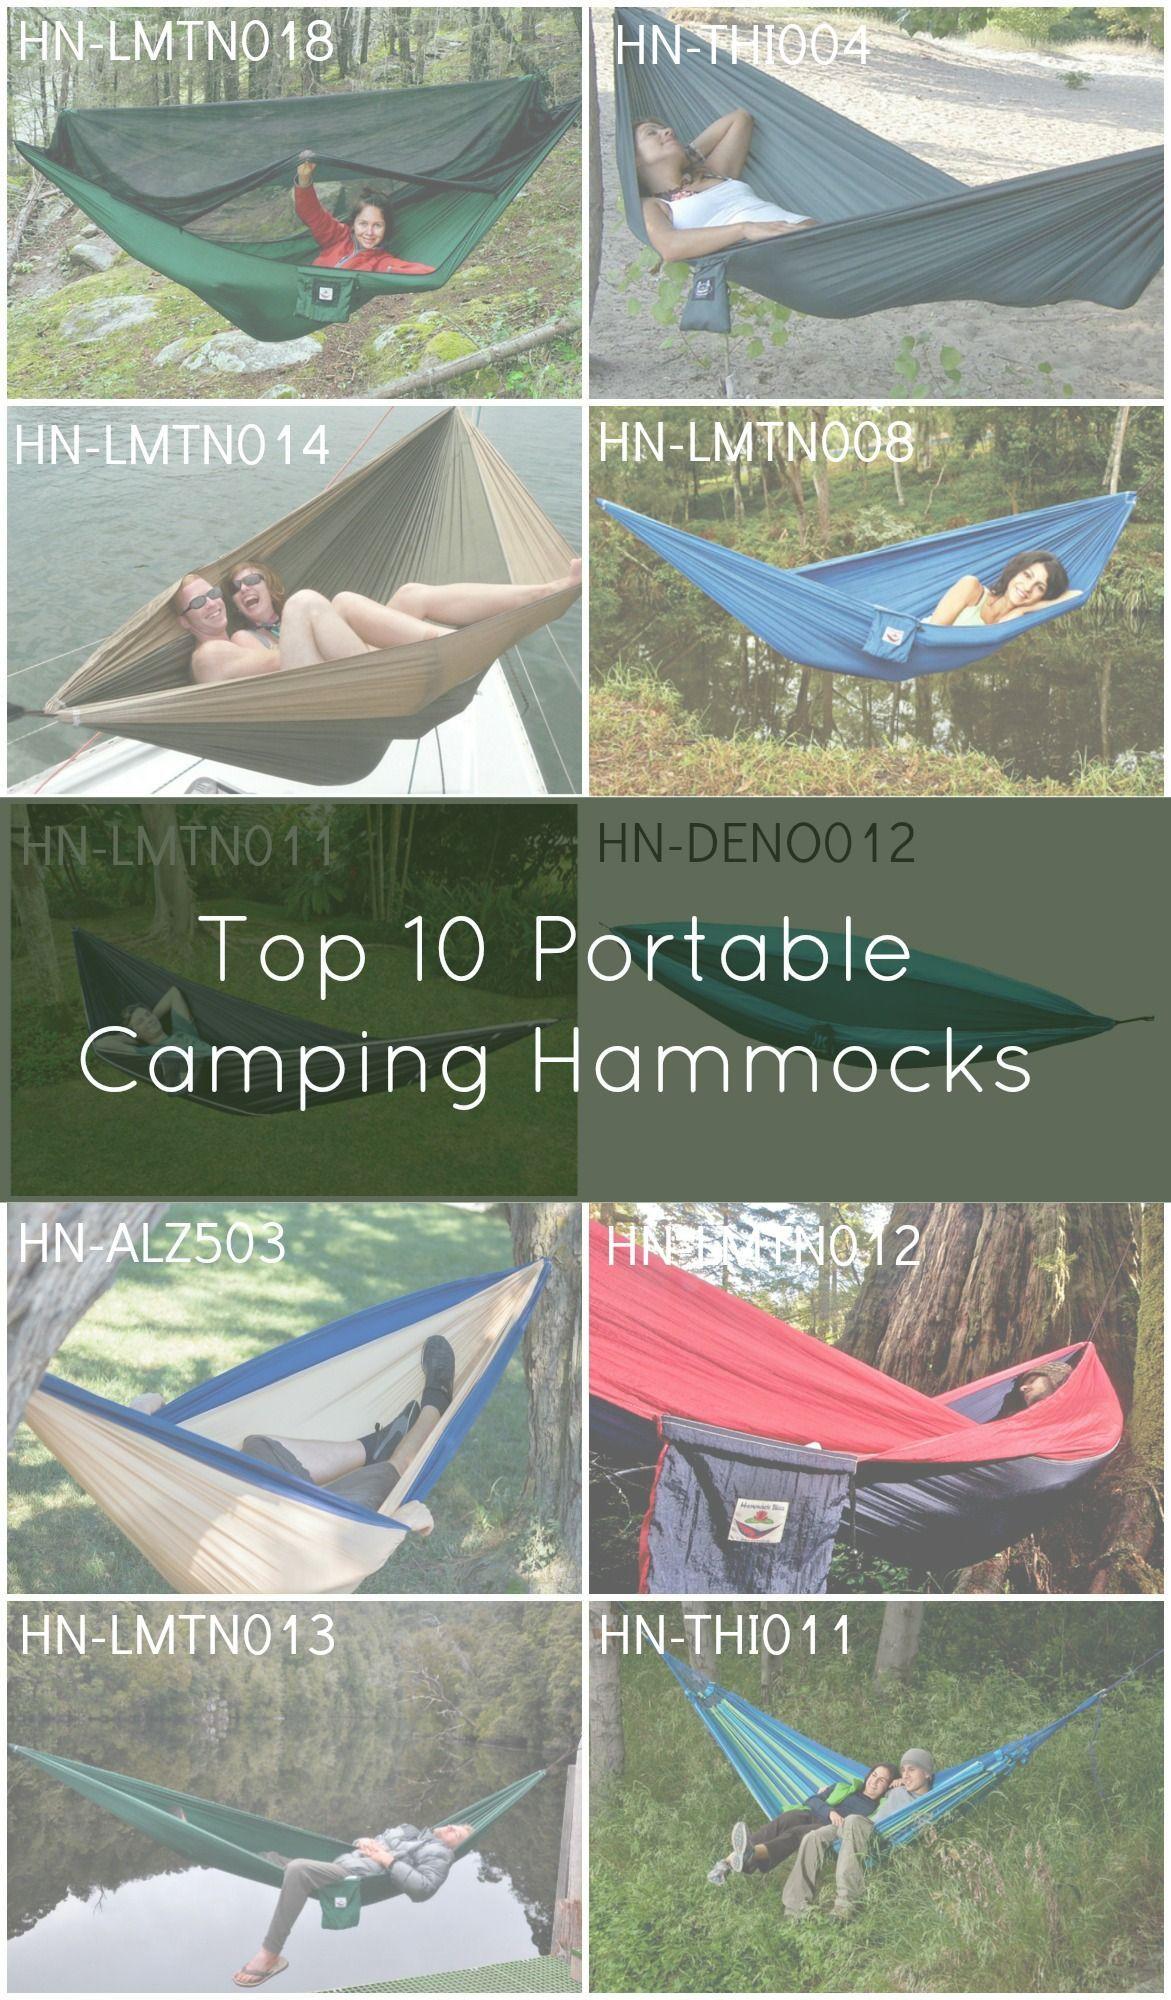 Top Portable Camping Hammocks hikinggear Hiking and Camping